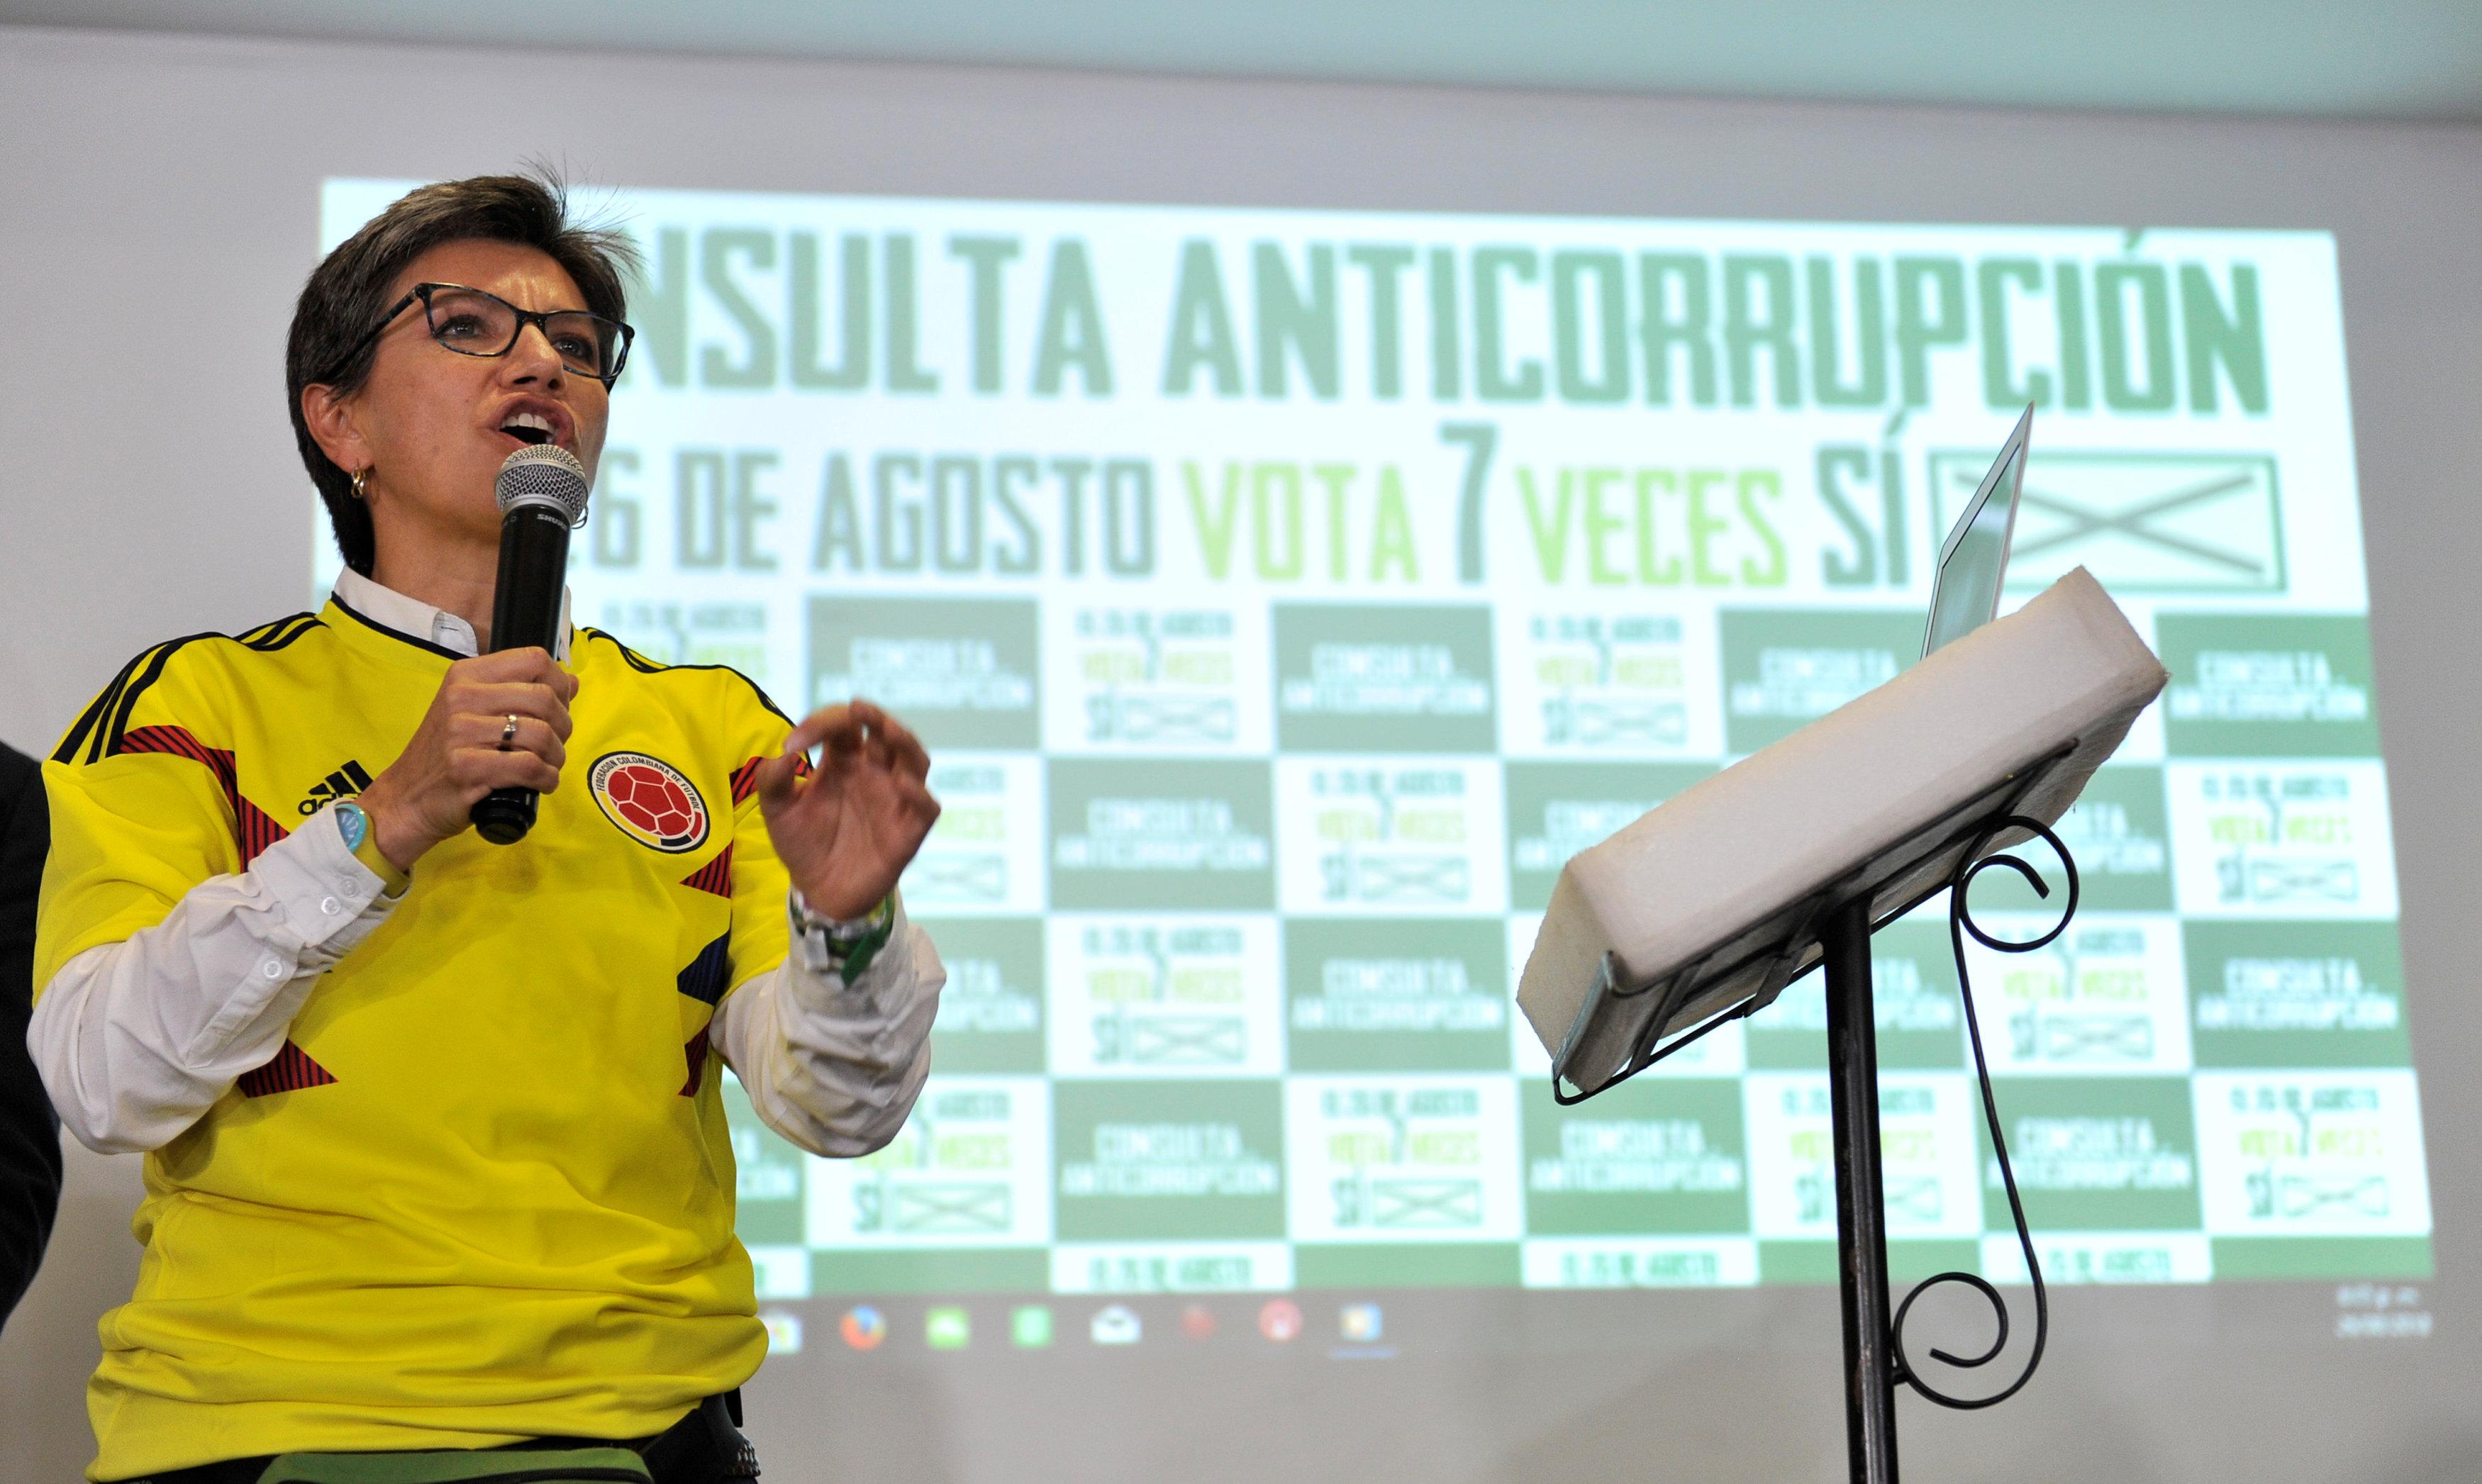 عضوة الحزب الأخضر كلوديا لوبيز تتحدث بعد فشل الاستفتاء